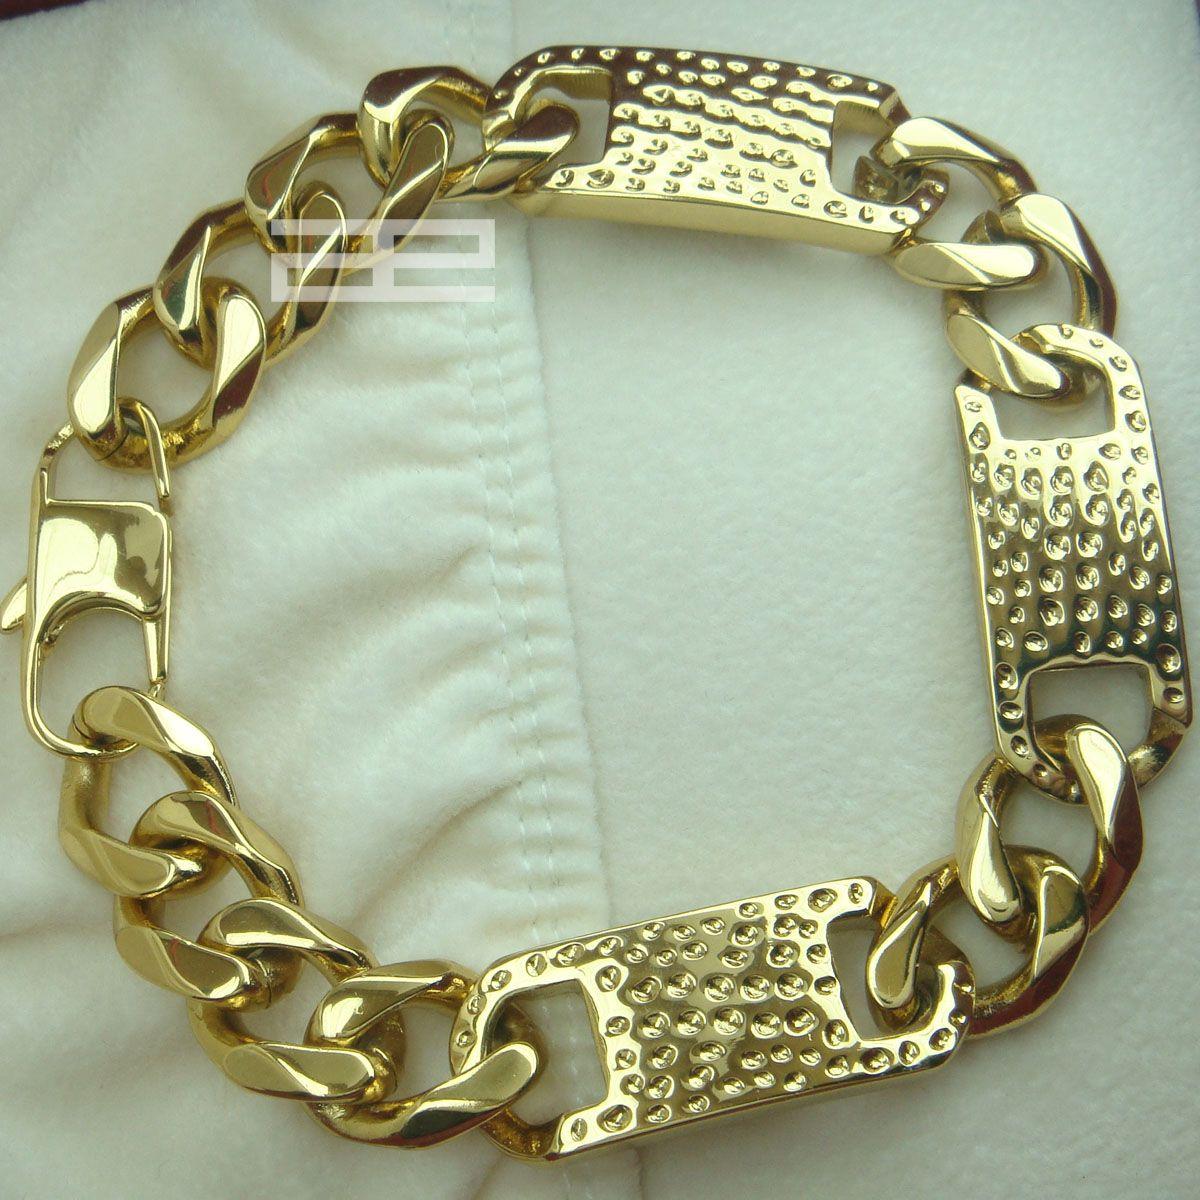 Männer kühlen 14K 14CT Gold füllte GF 14mm Breite 23cm Länge Kühle Braclet B140